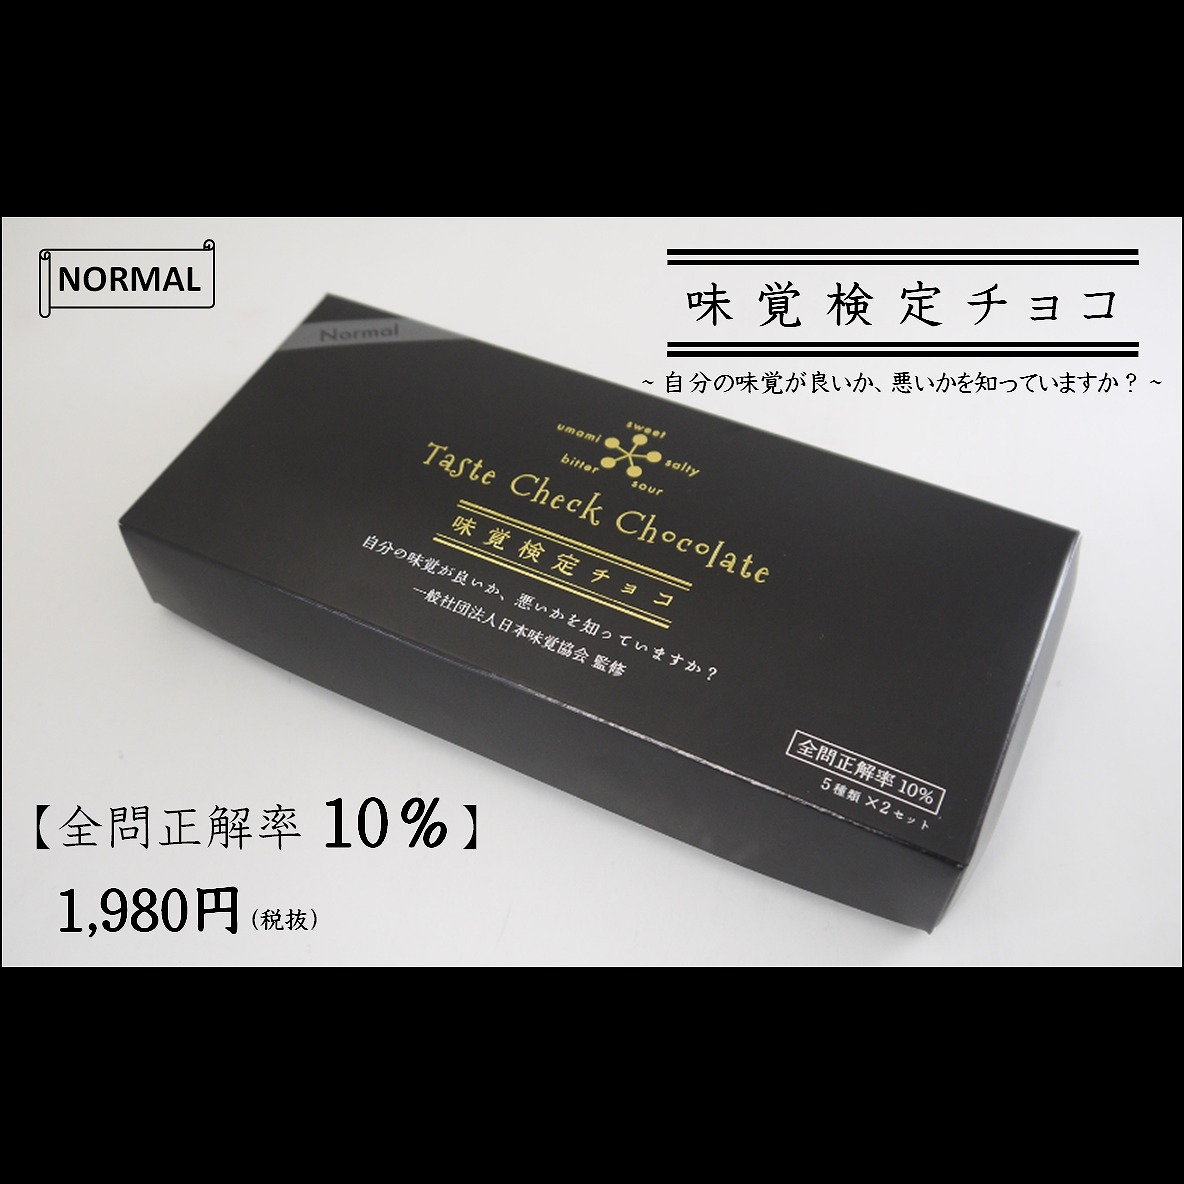 味覚検定チョコ NORMAL 一般社団法人日本味覚協会公式サイトから引用